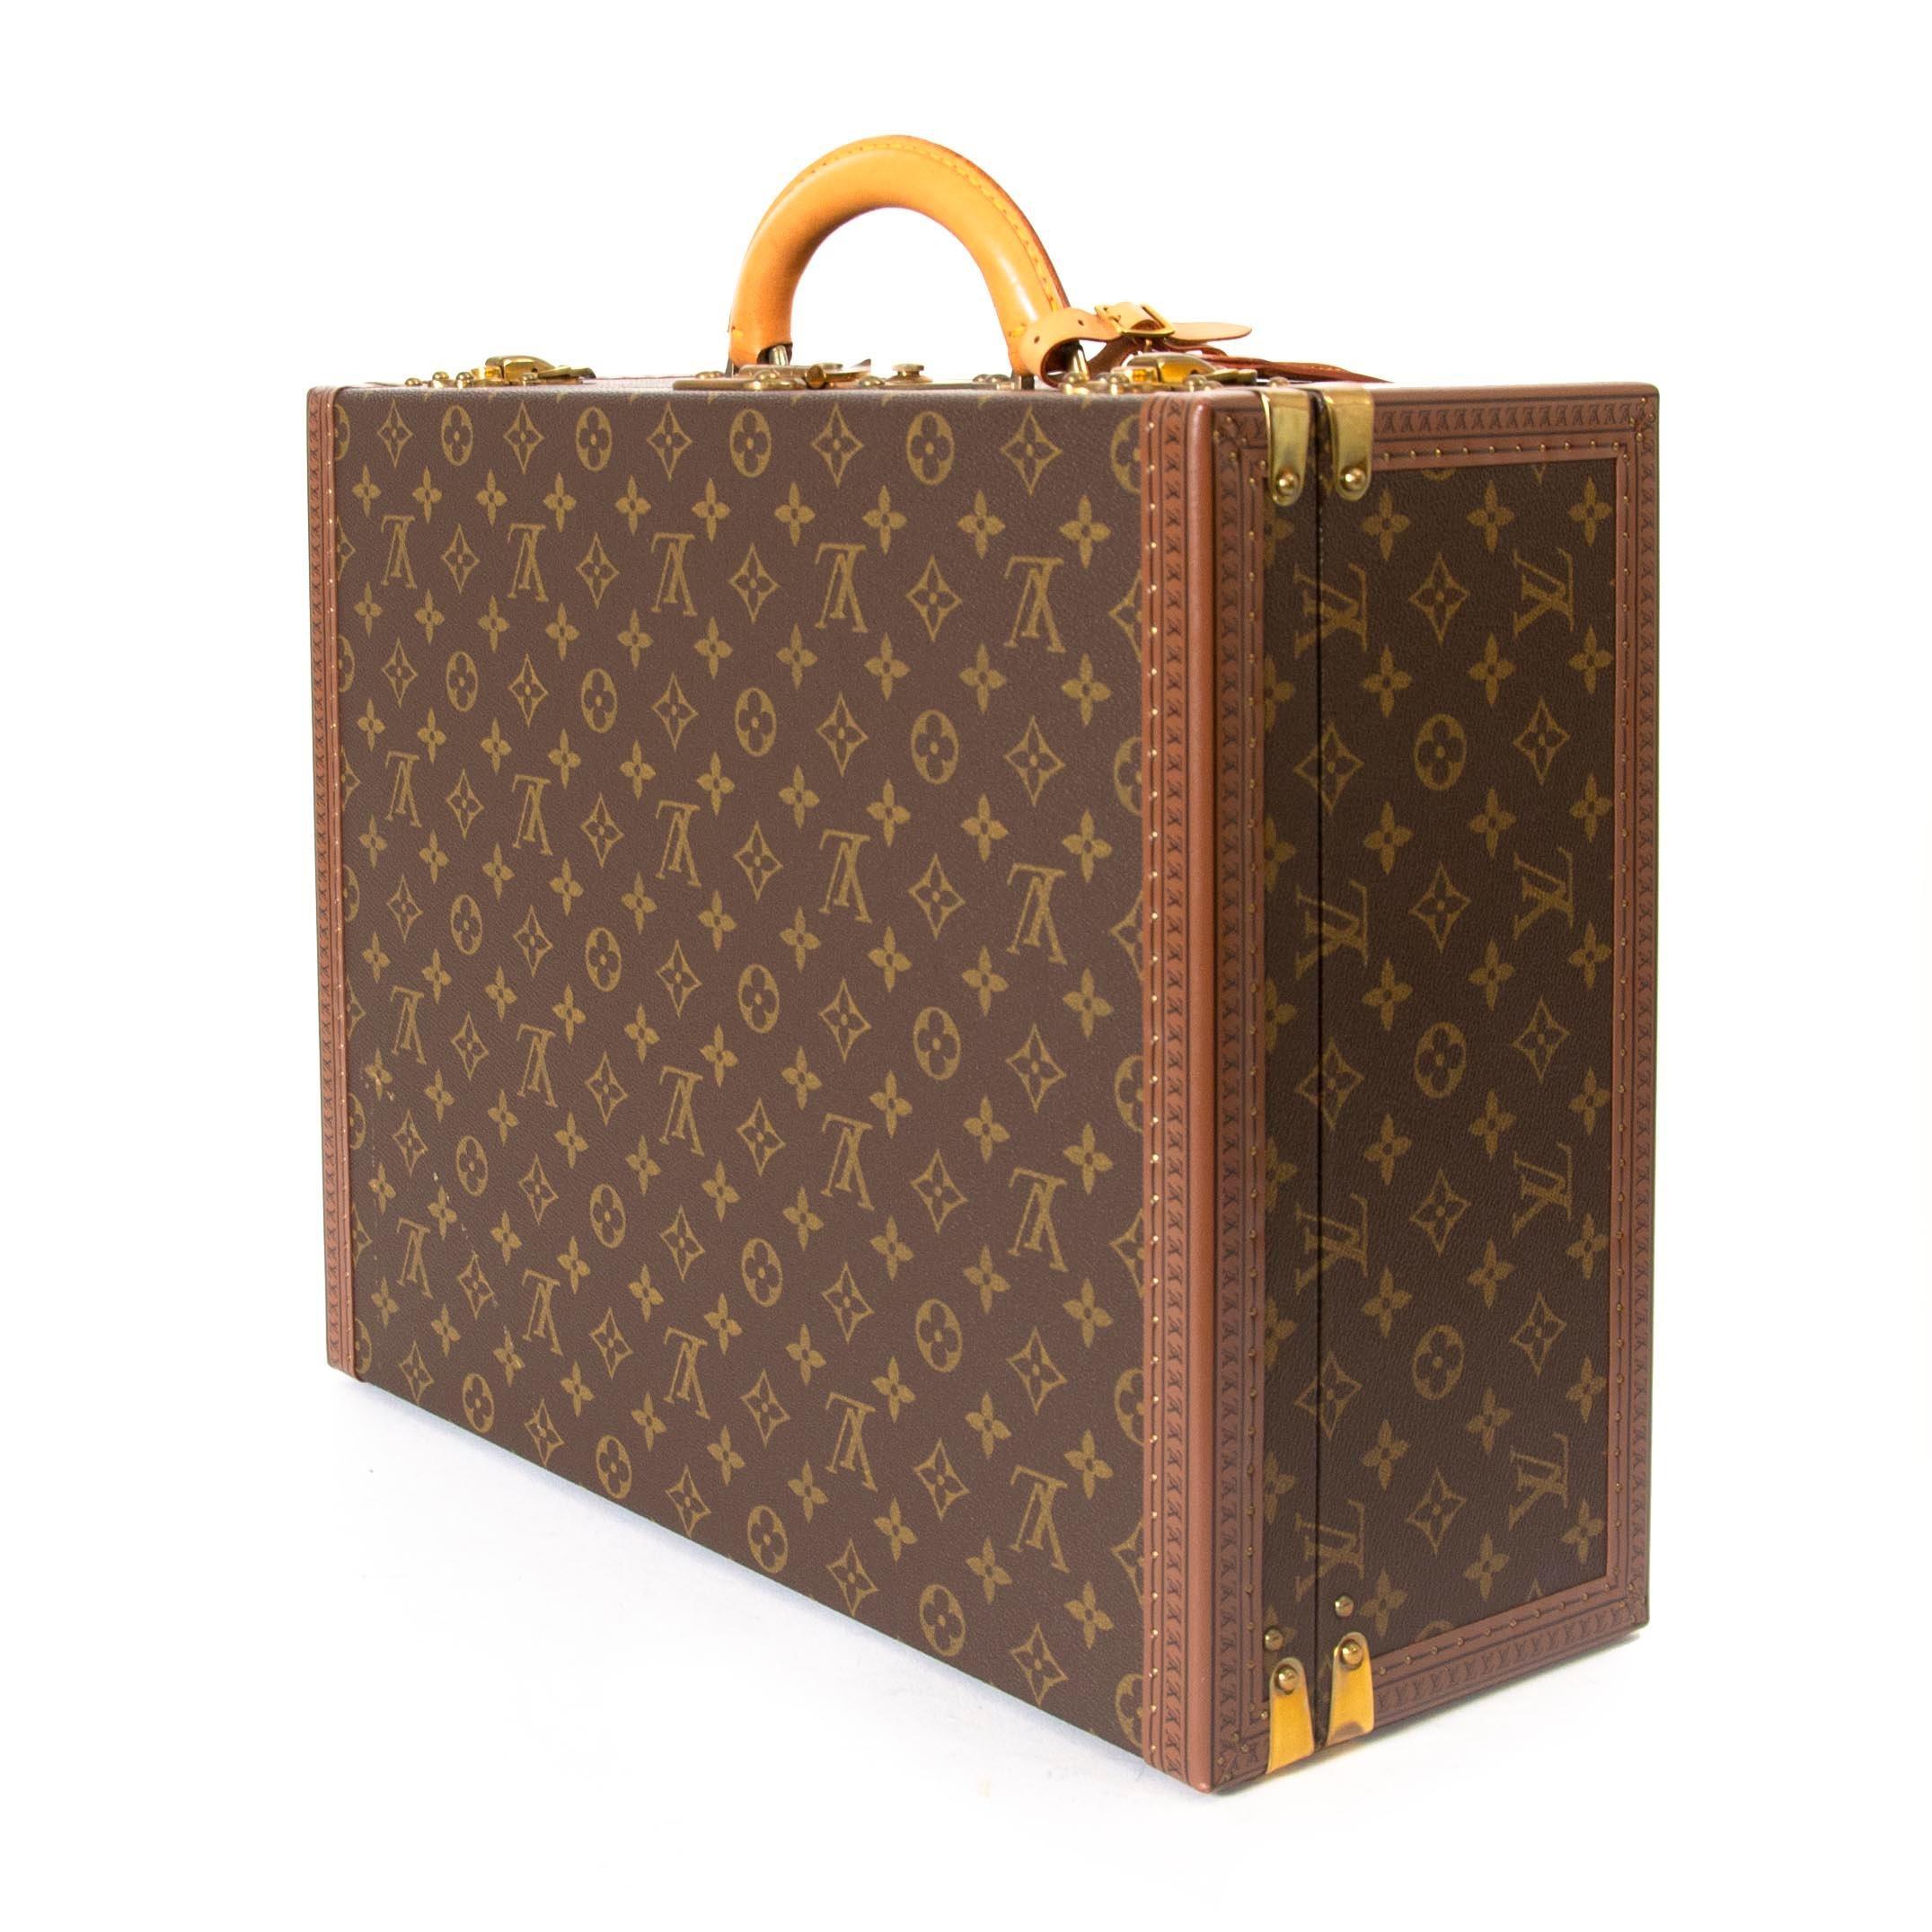 7c9c3b9badc7e Louis Vuitton Monogram Präsident 45 Stamm im Angebot bei 1stdibs